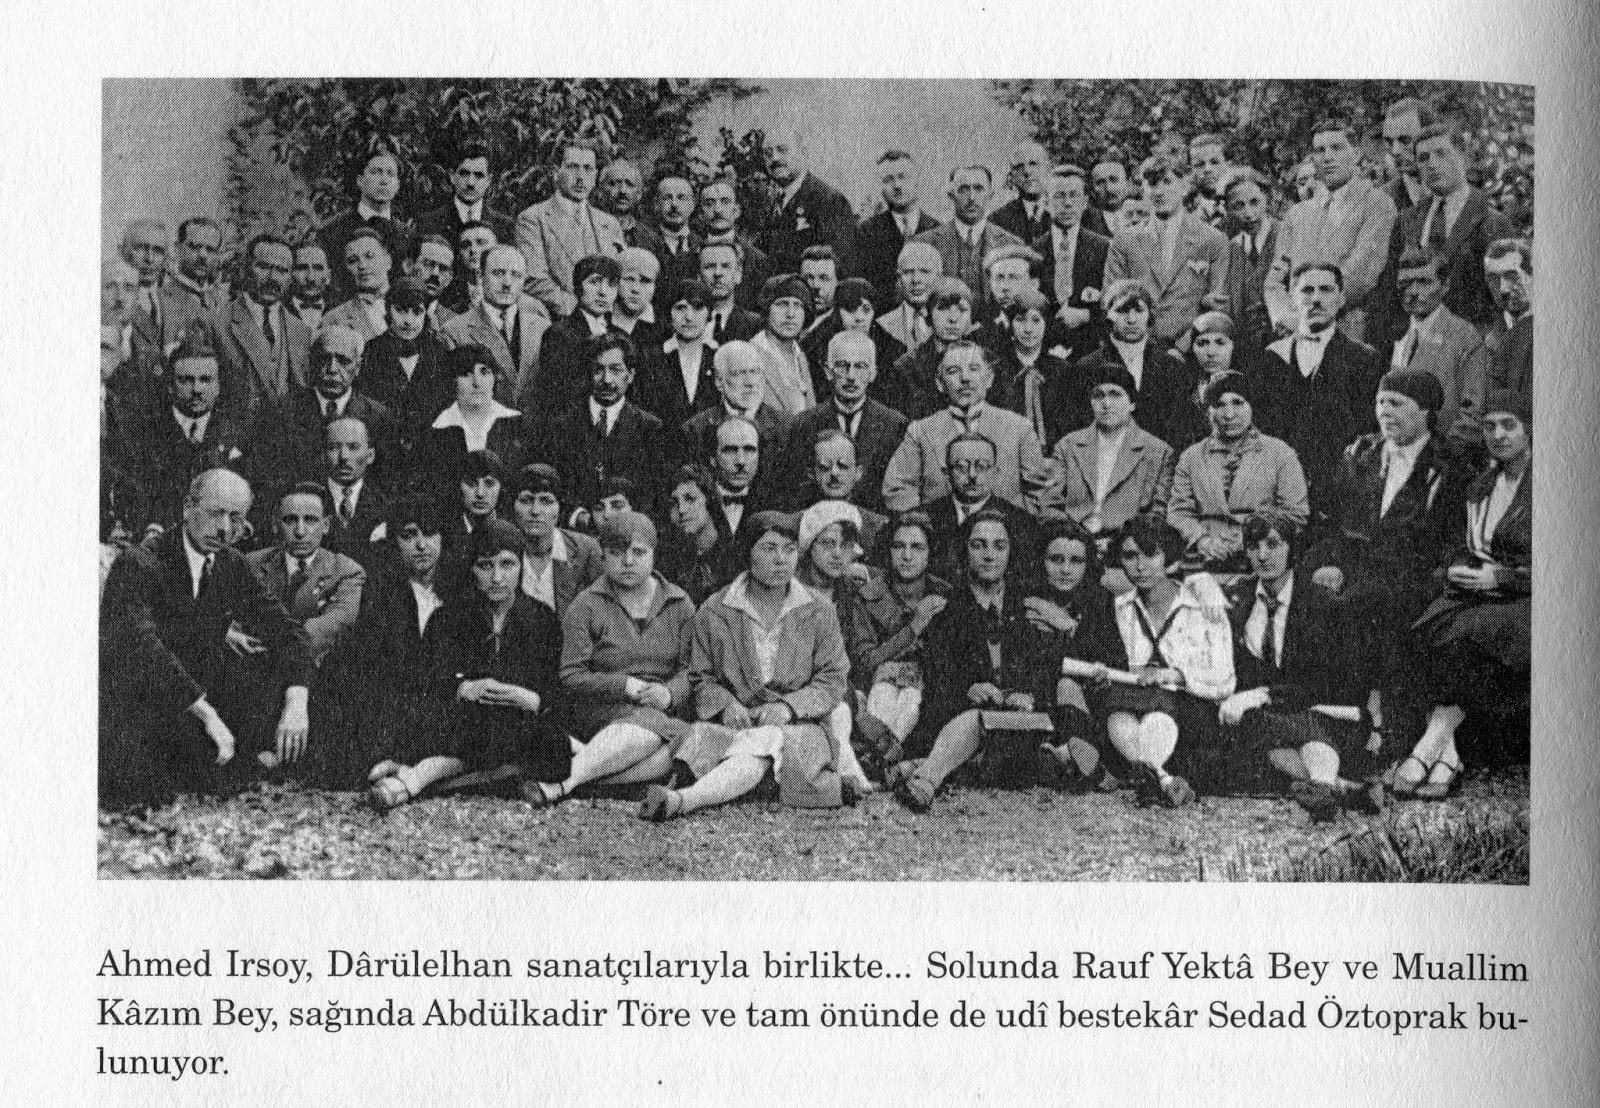 Darül Elhan Nedir Tarihi İstanbul Devlet Konservatuarı Darussafaka